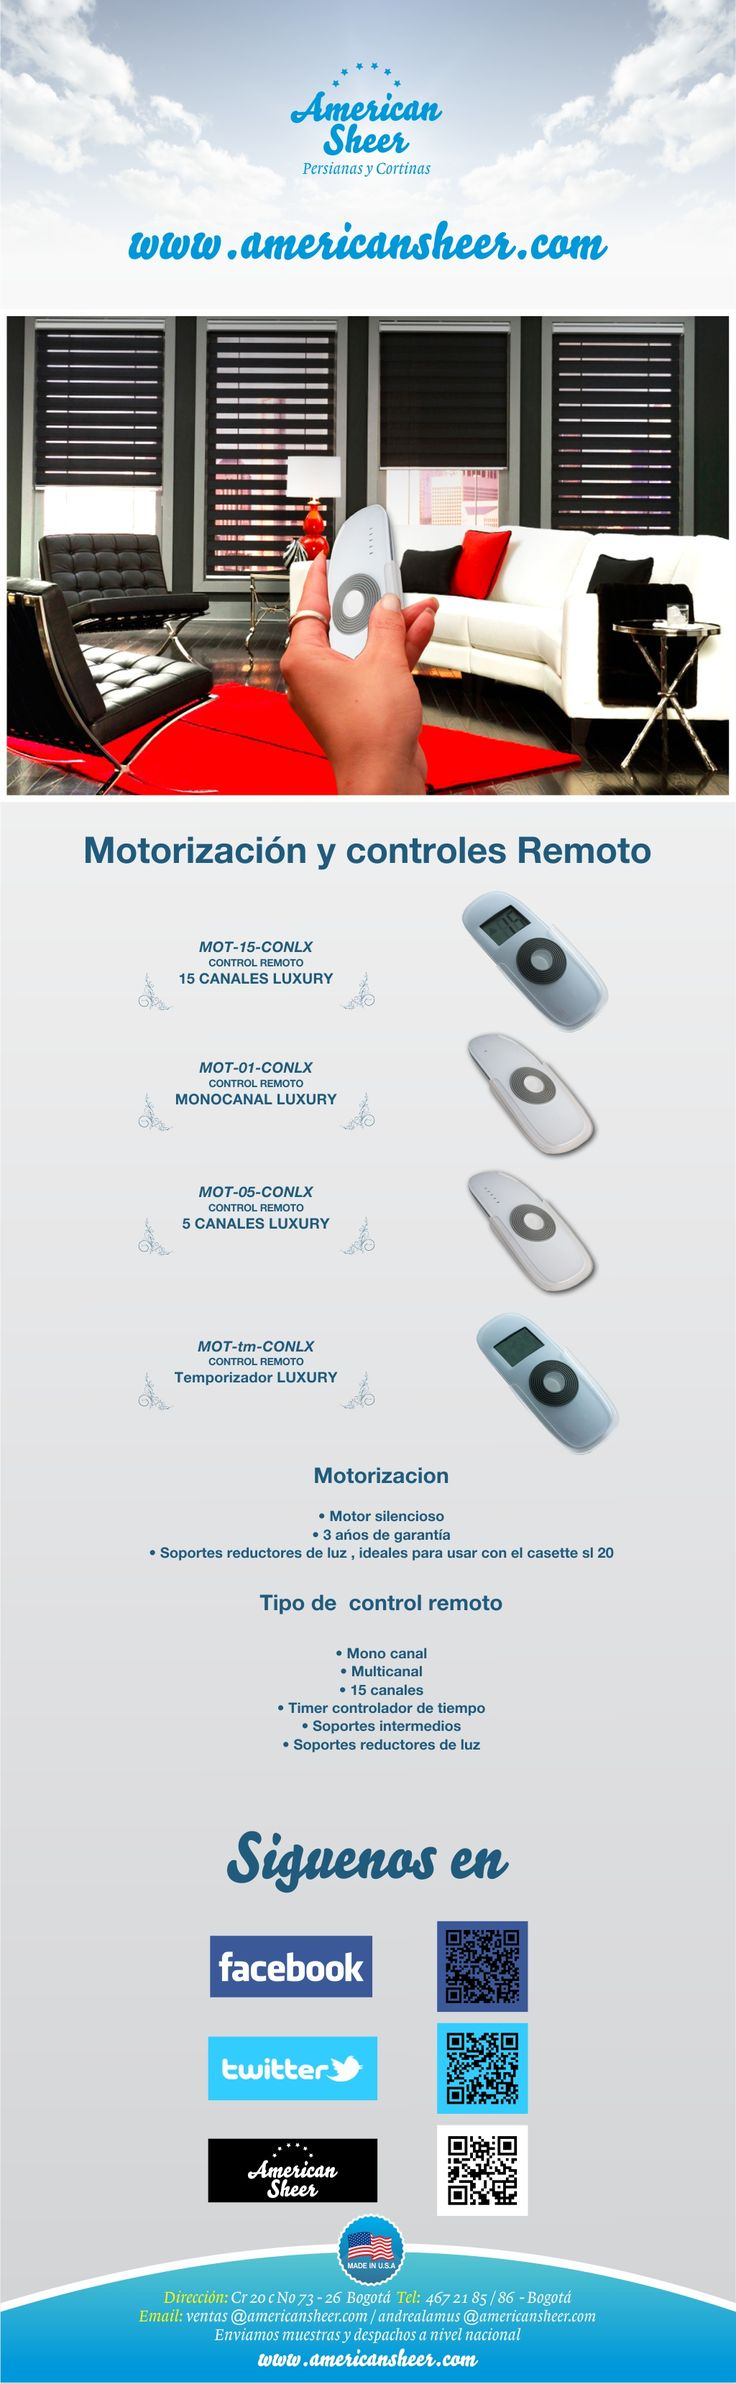 opciones de motorizacion